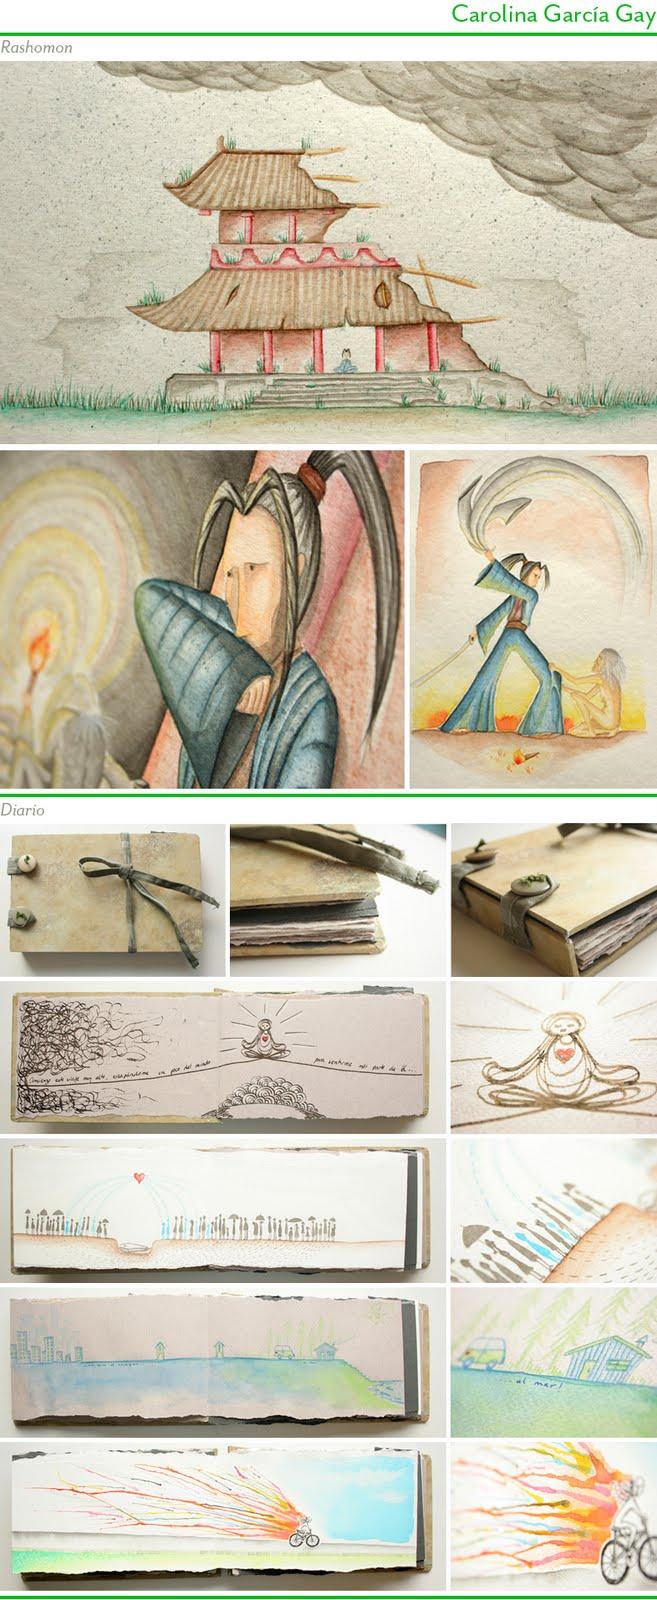 Ilustraciones de Carolina García para Rashomon y Libro personal, 2011